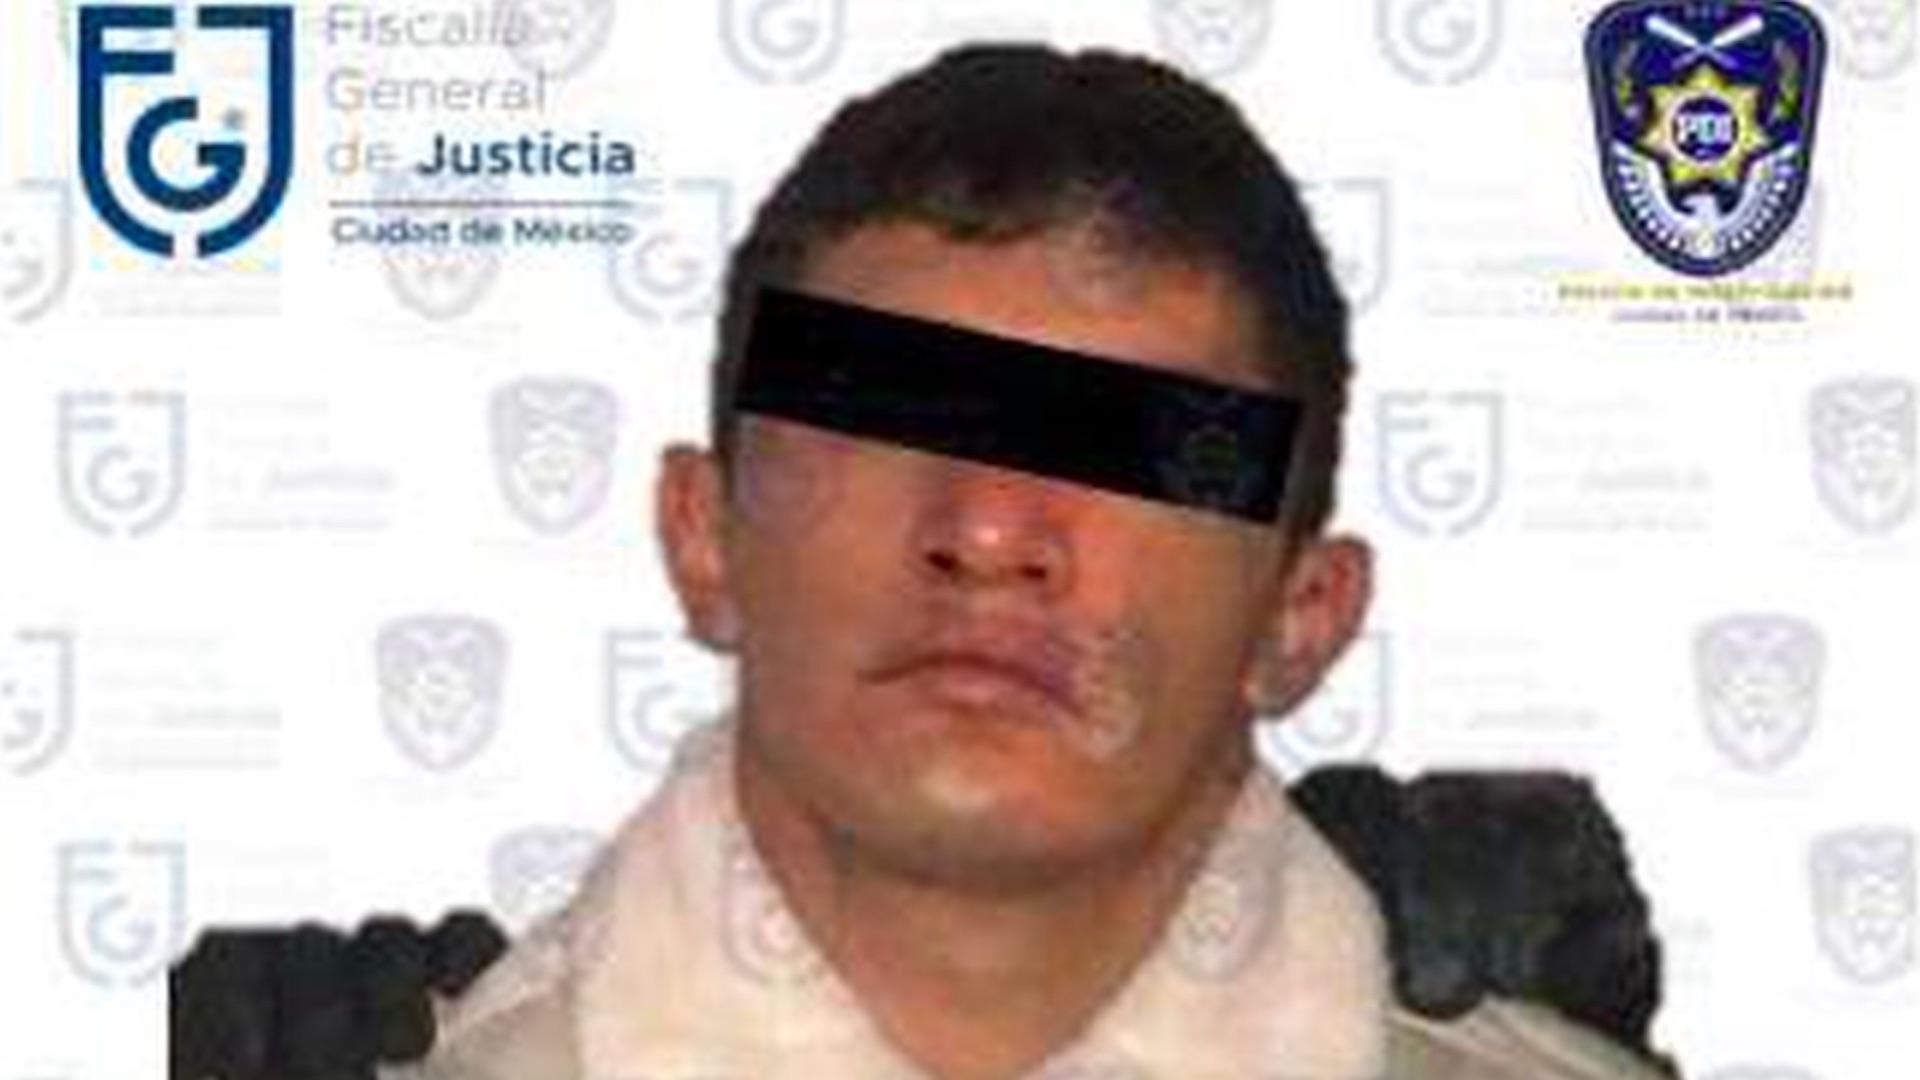 Cae sujeto relacionado con desaparición de jóvenes en el 'Bar Quito'